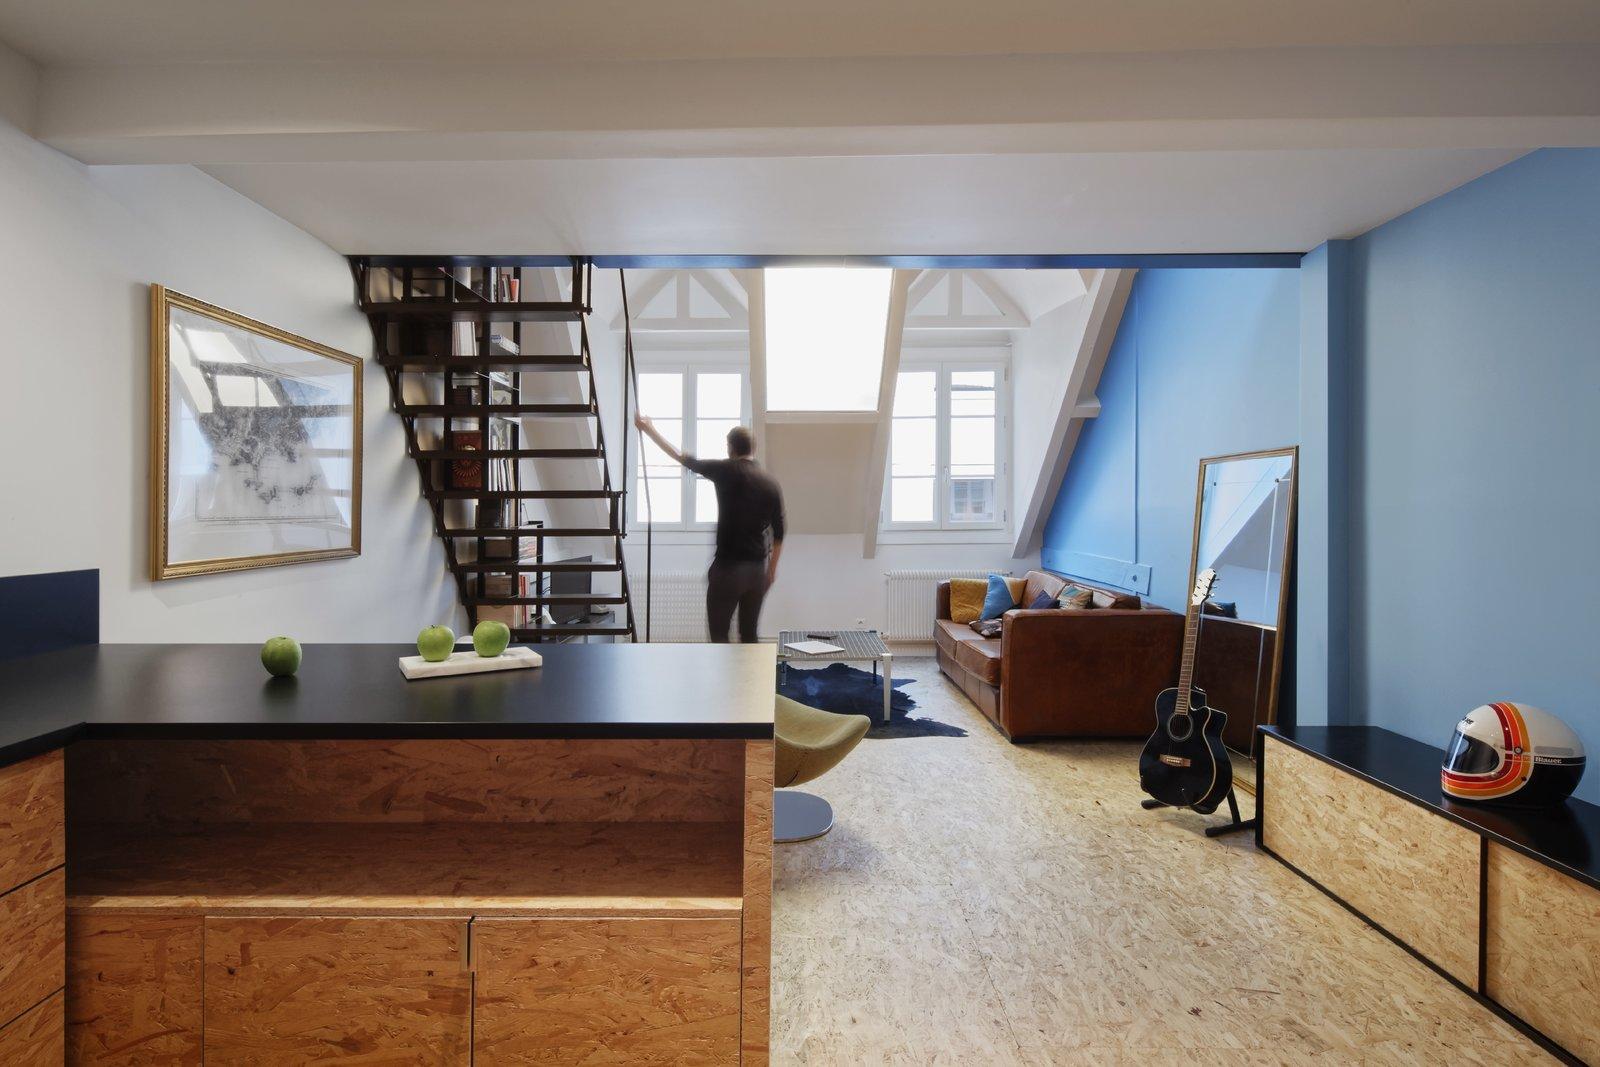 Under The Roof Paris Loft Renovation Living Area